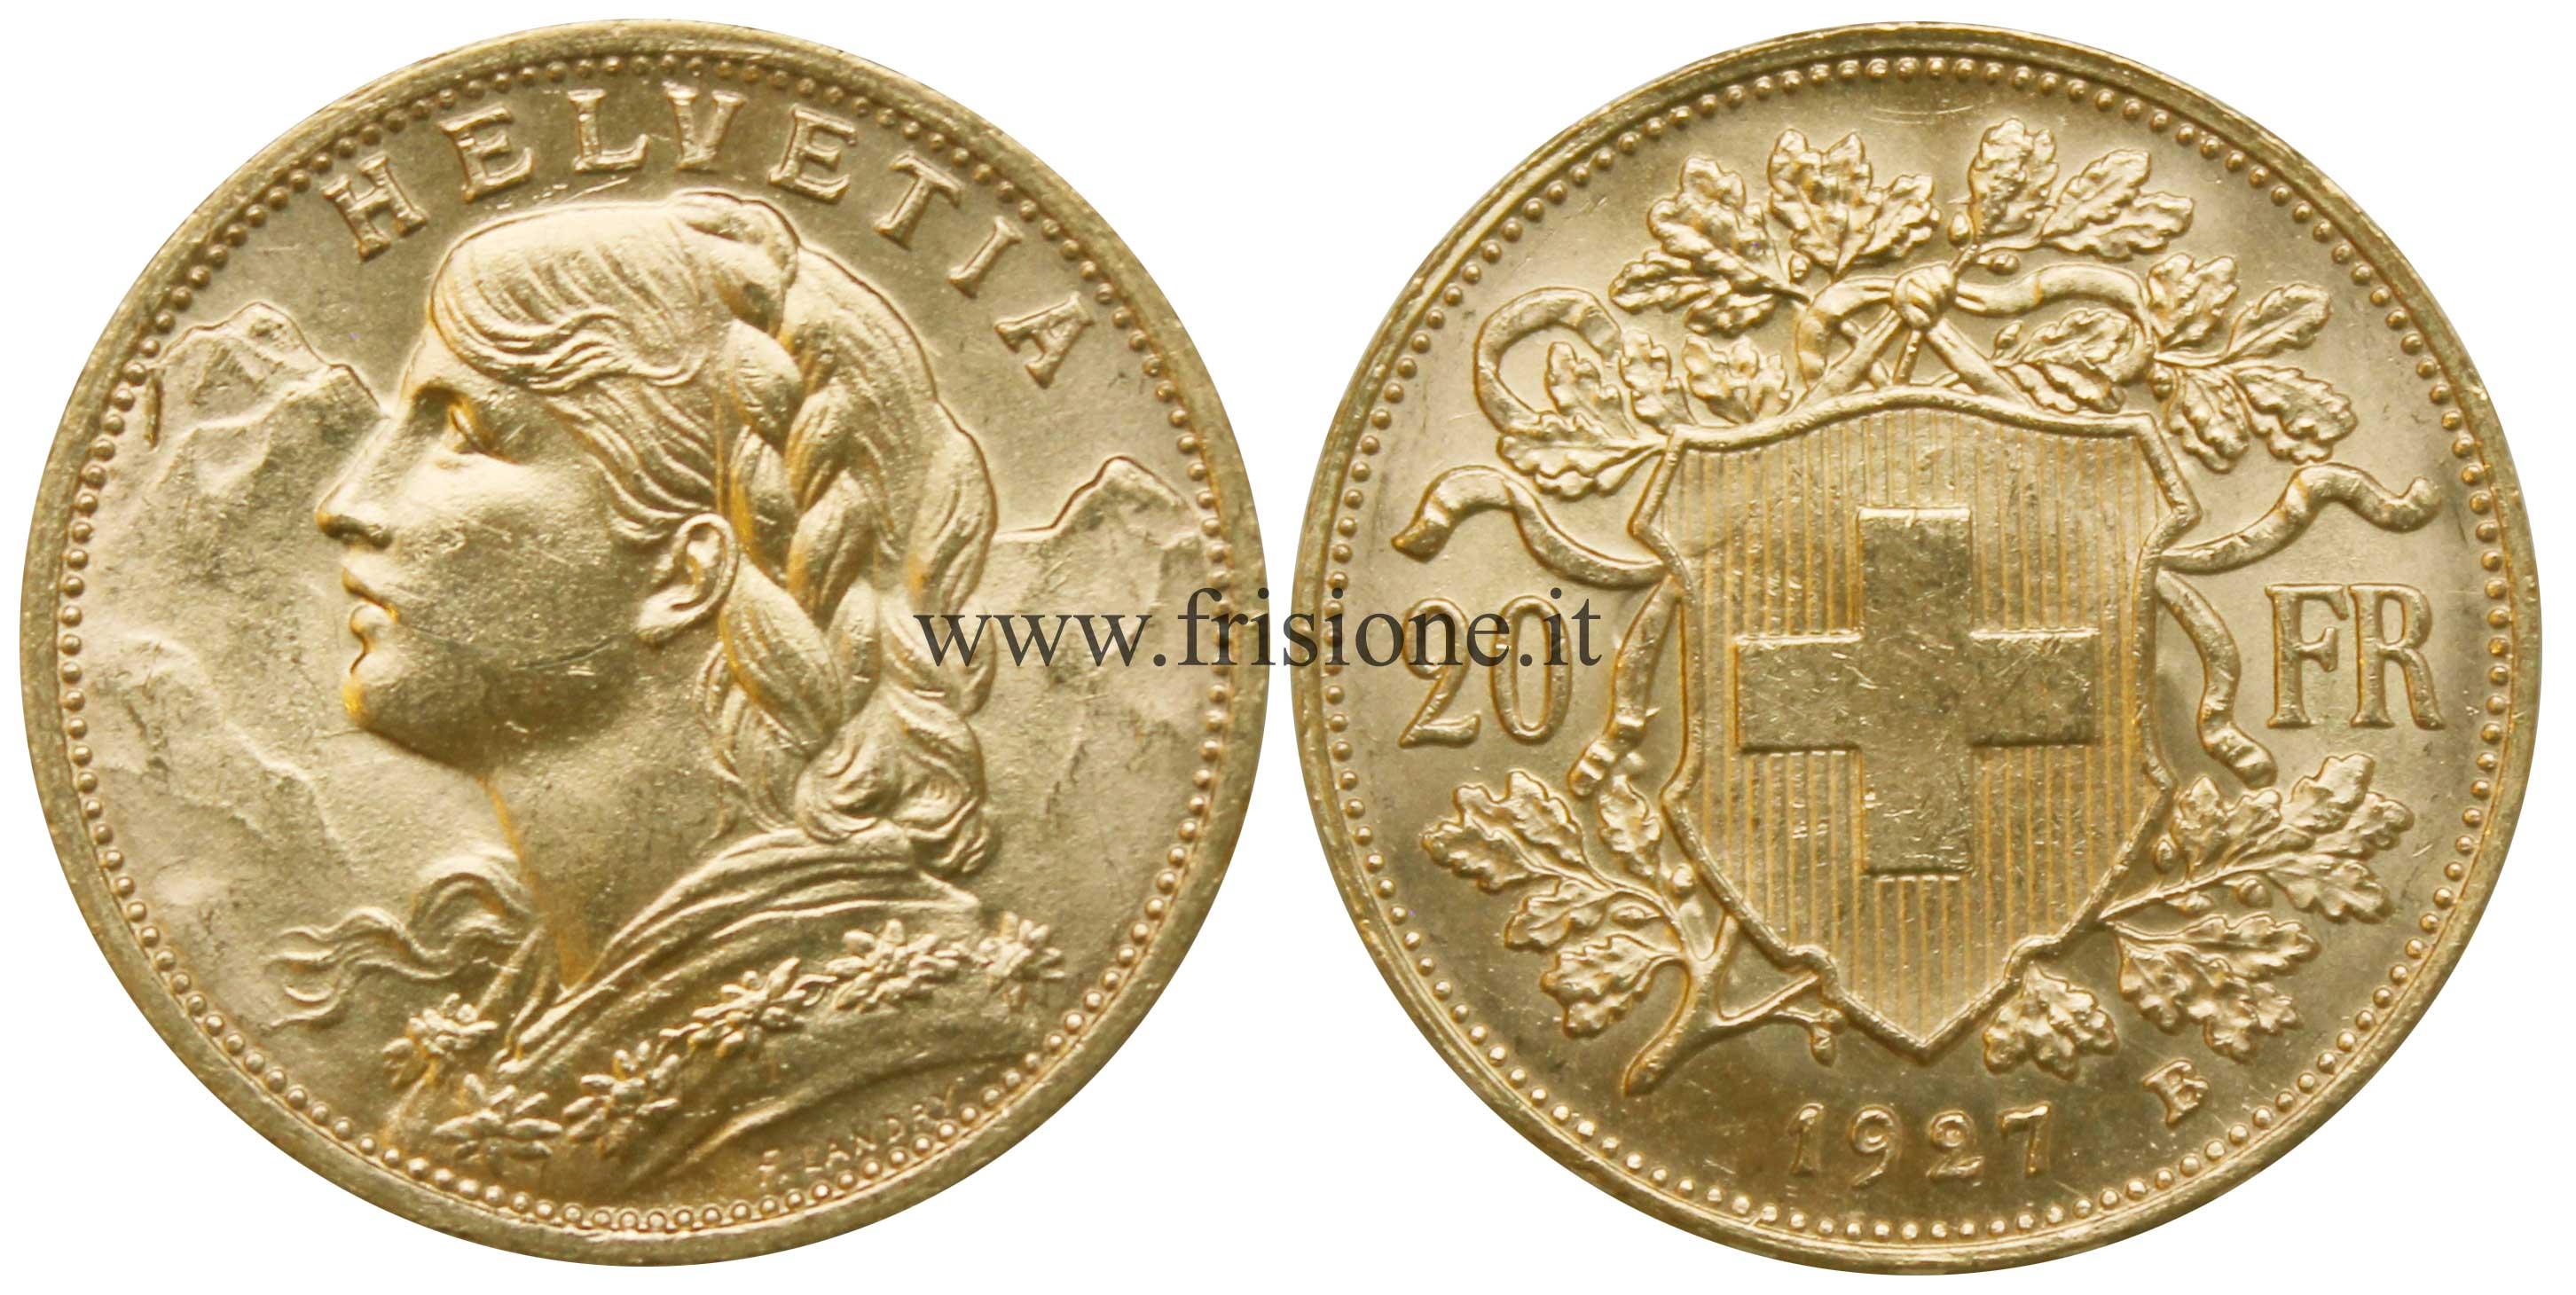 811195e175 Marenghi Oro,Austria,Belgio,Francia,Italia,Svizzera,Ungheria-prezzi ...